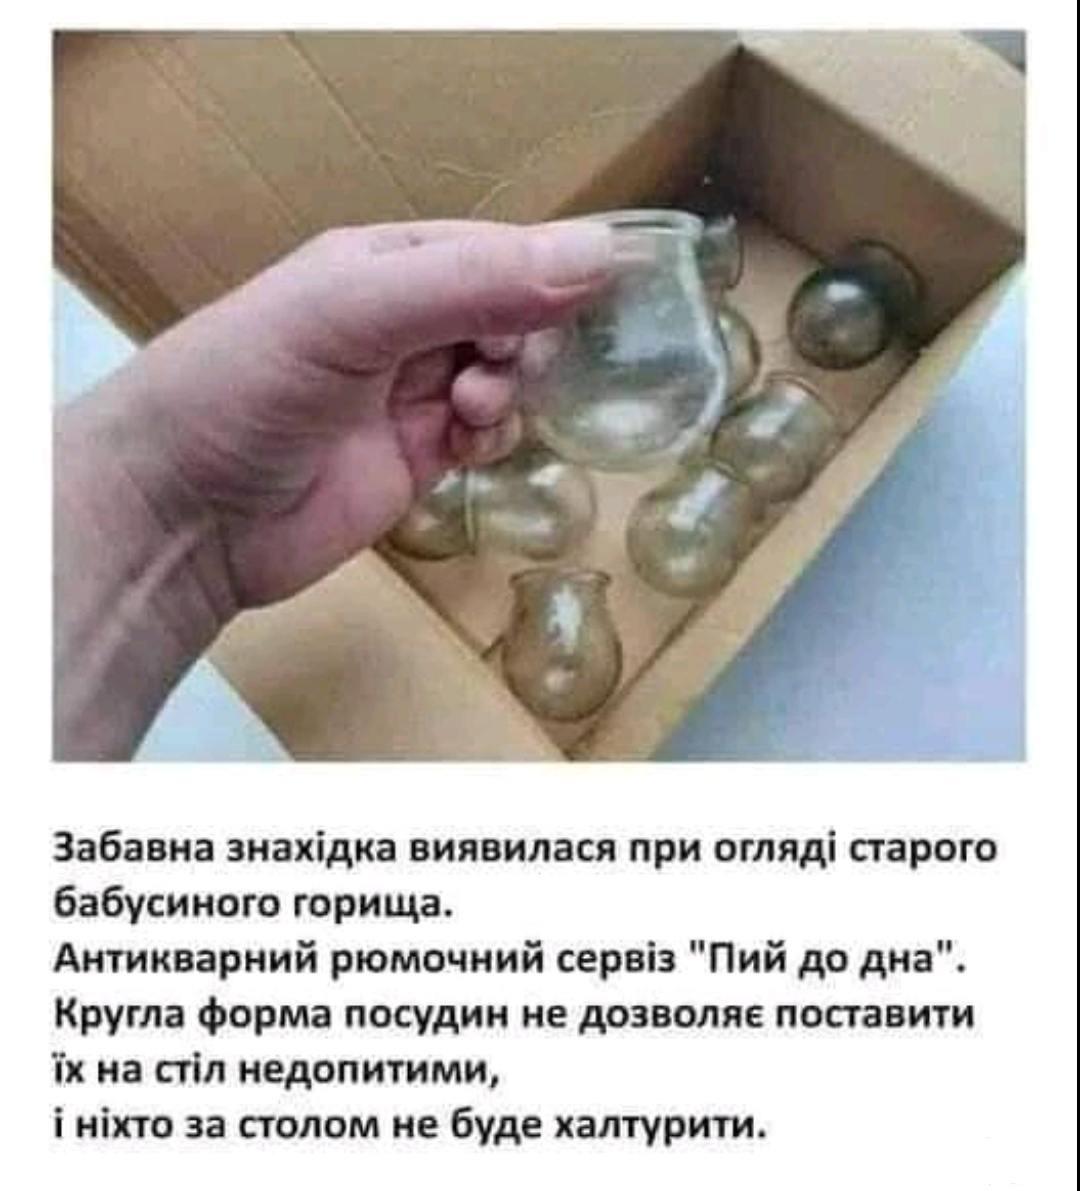 139538 - Пить или не пить? - пятничная алкогольная тема )))